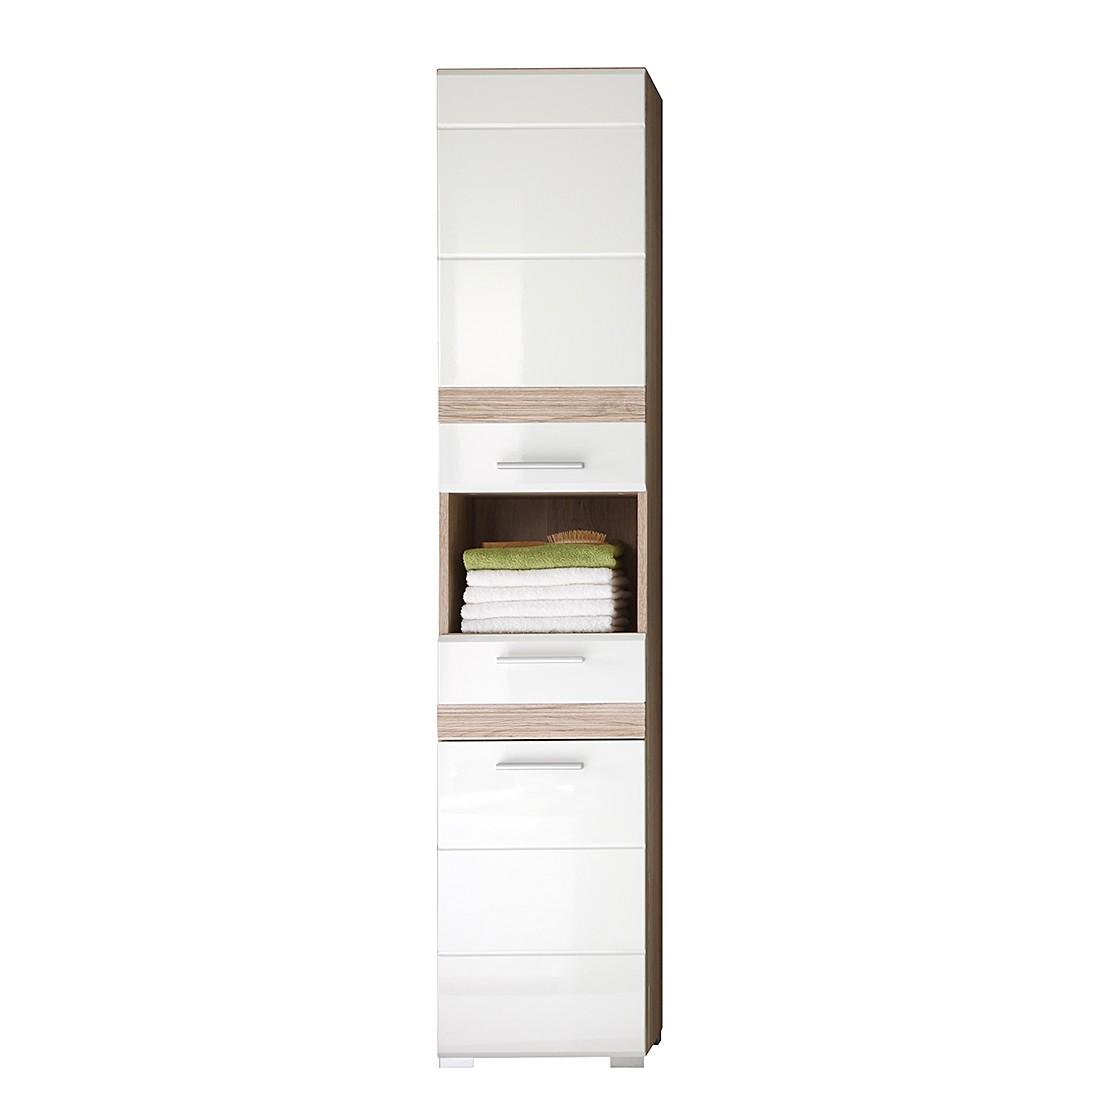 Armoire haute Unum - Imitation chêne de San Remo / Blanc, Trendteam